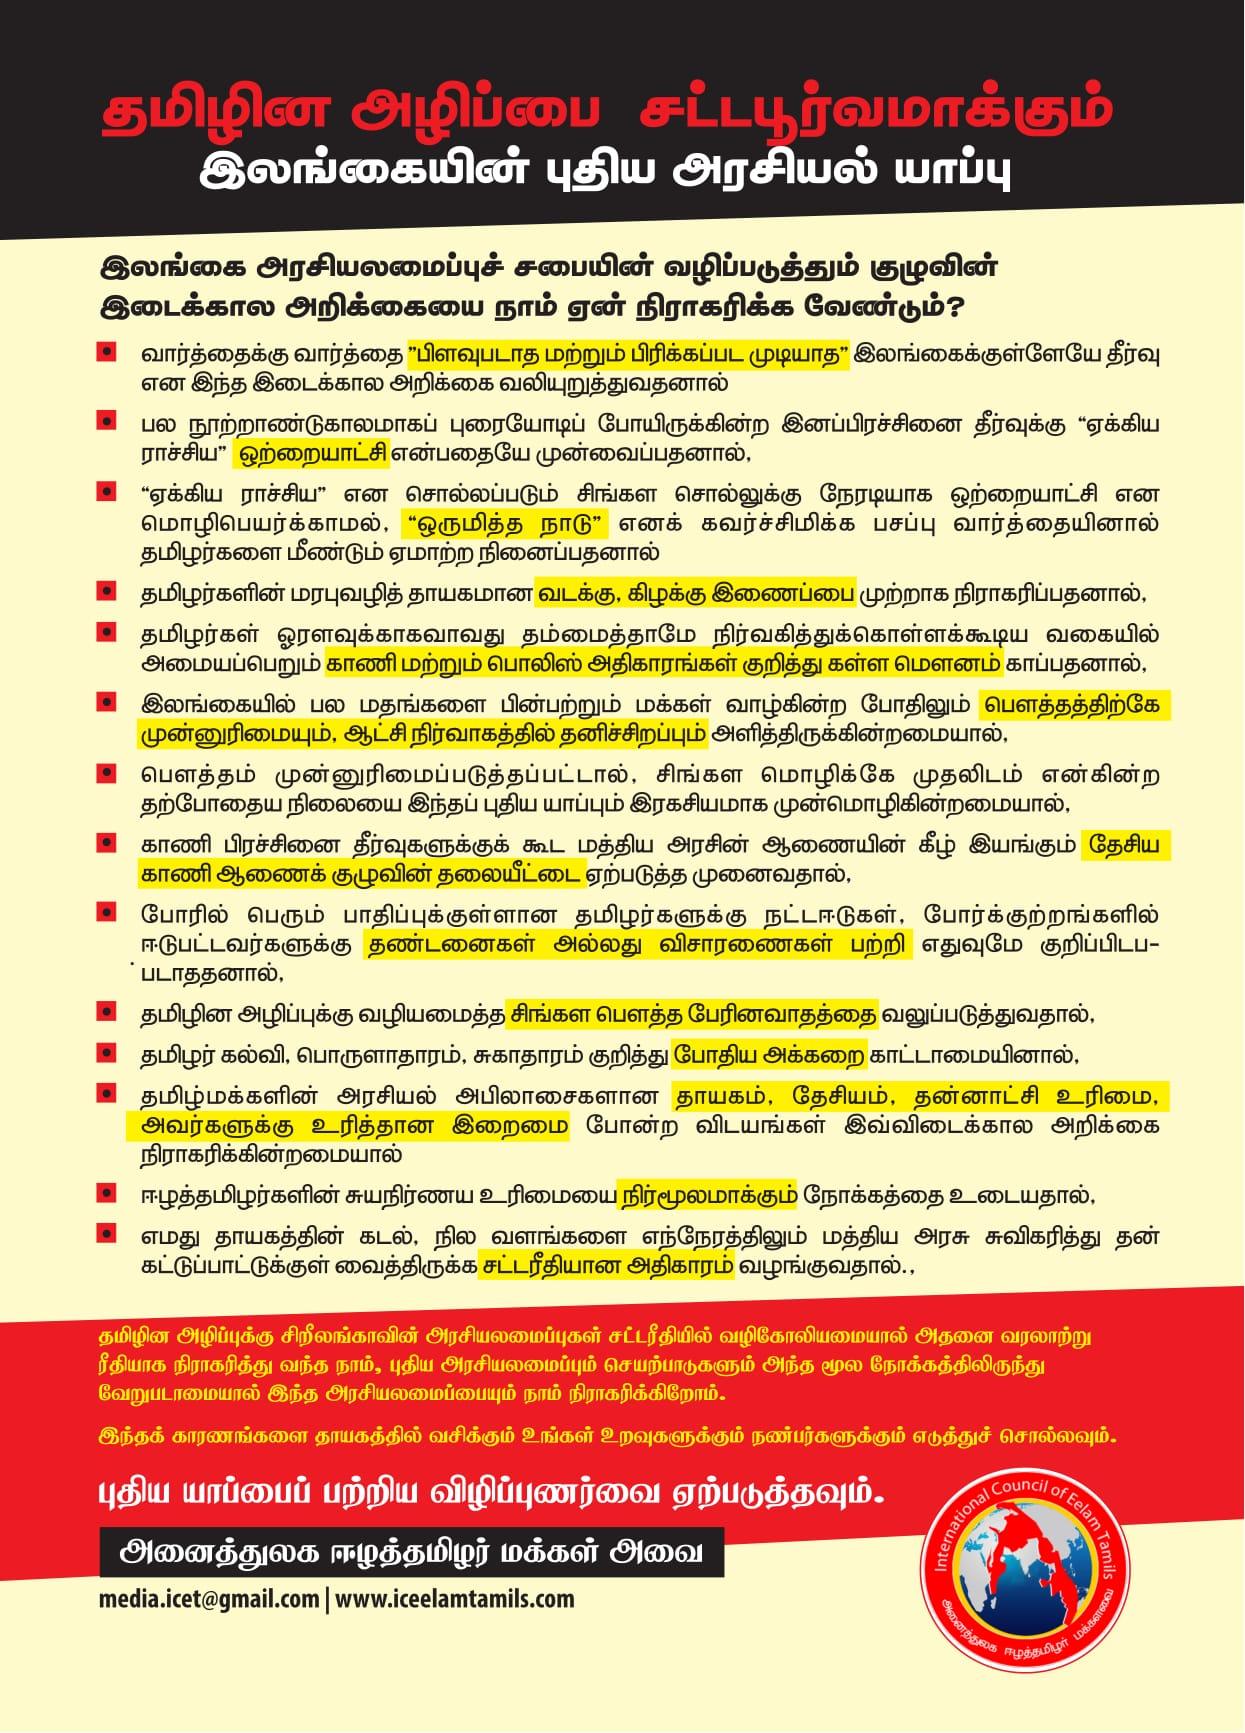 தமிழின அழிப்பை சட்டபூர்வமாக்கும் இலங்கையின் புதிய அரசியலமைப்பு